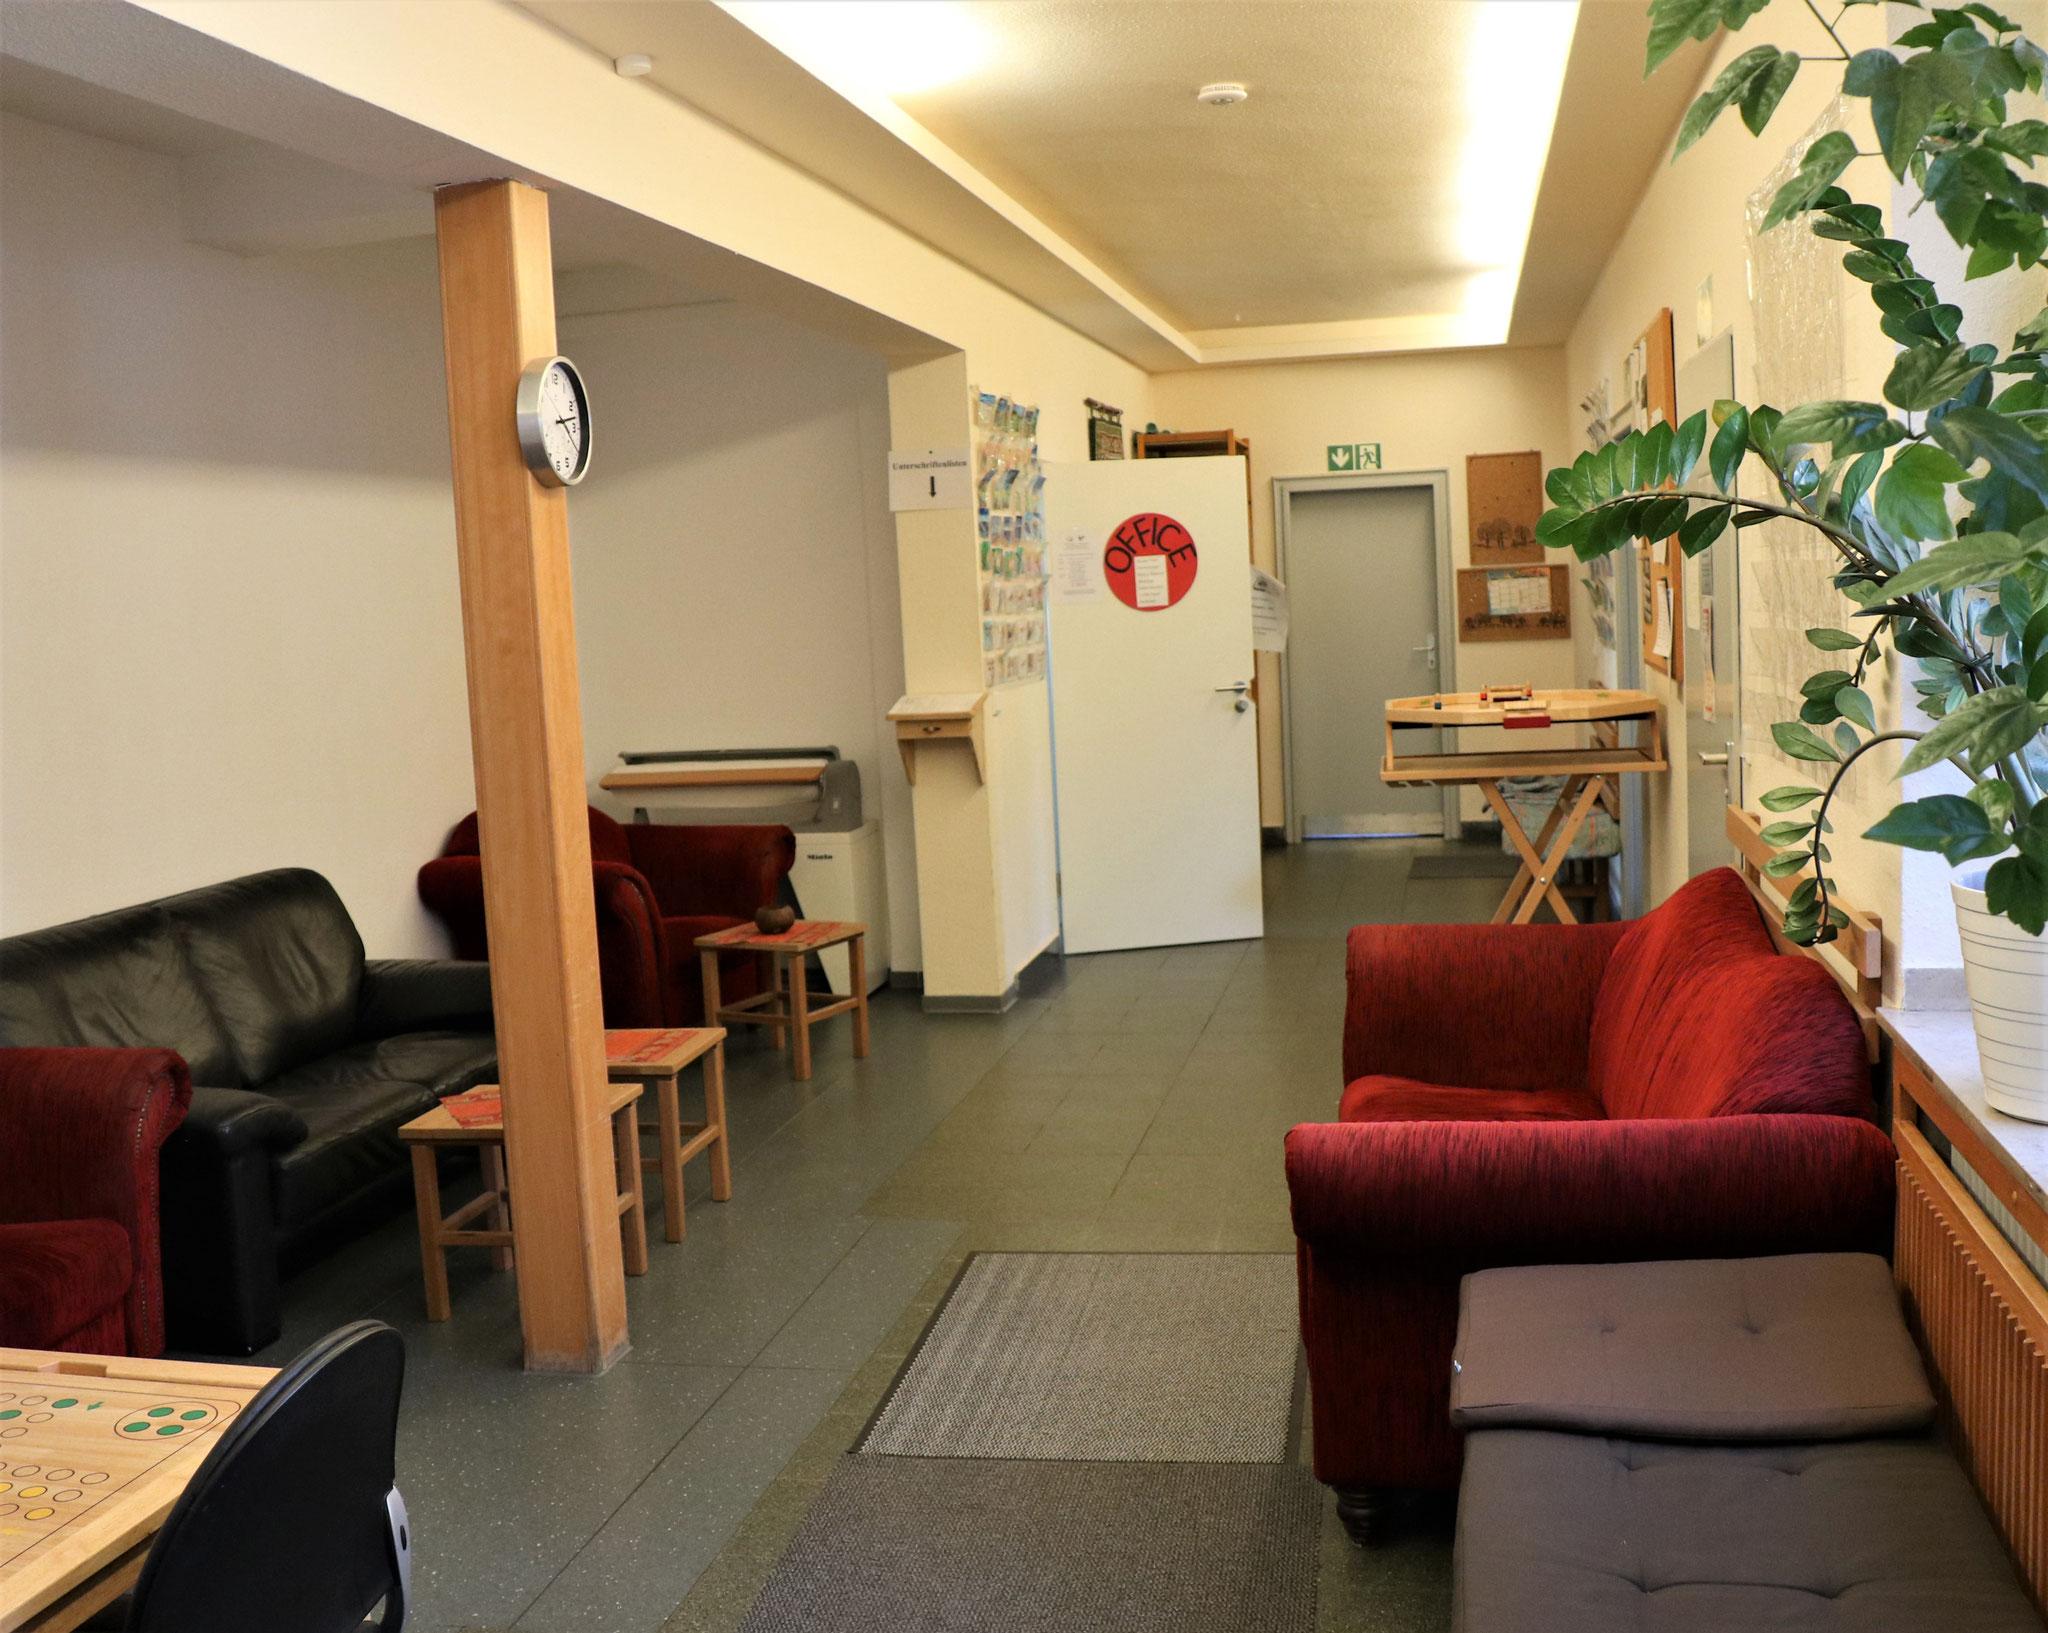 Blick vom Hintereingang/Lift Richtung Office + Ruheraum (hinten li + mittig)